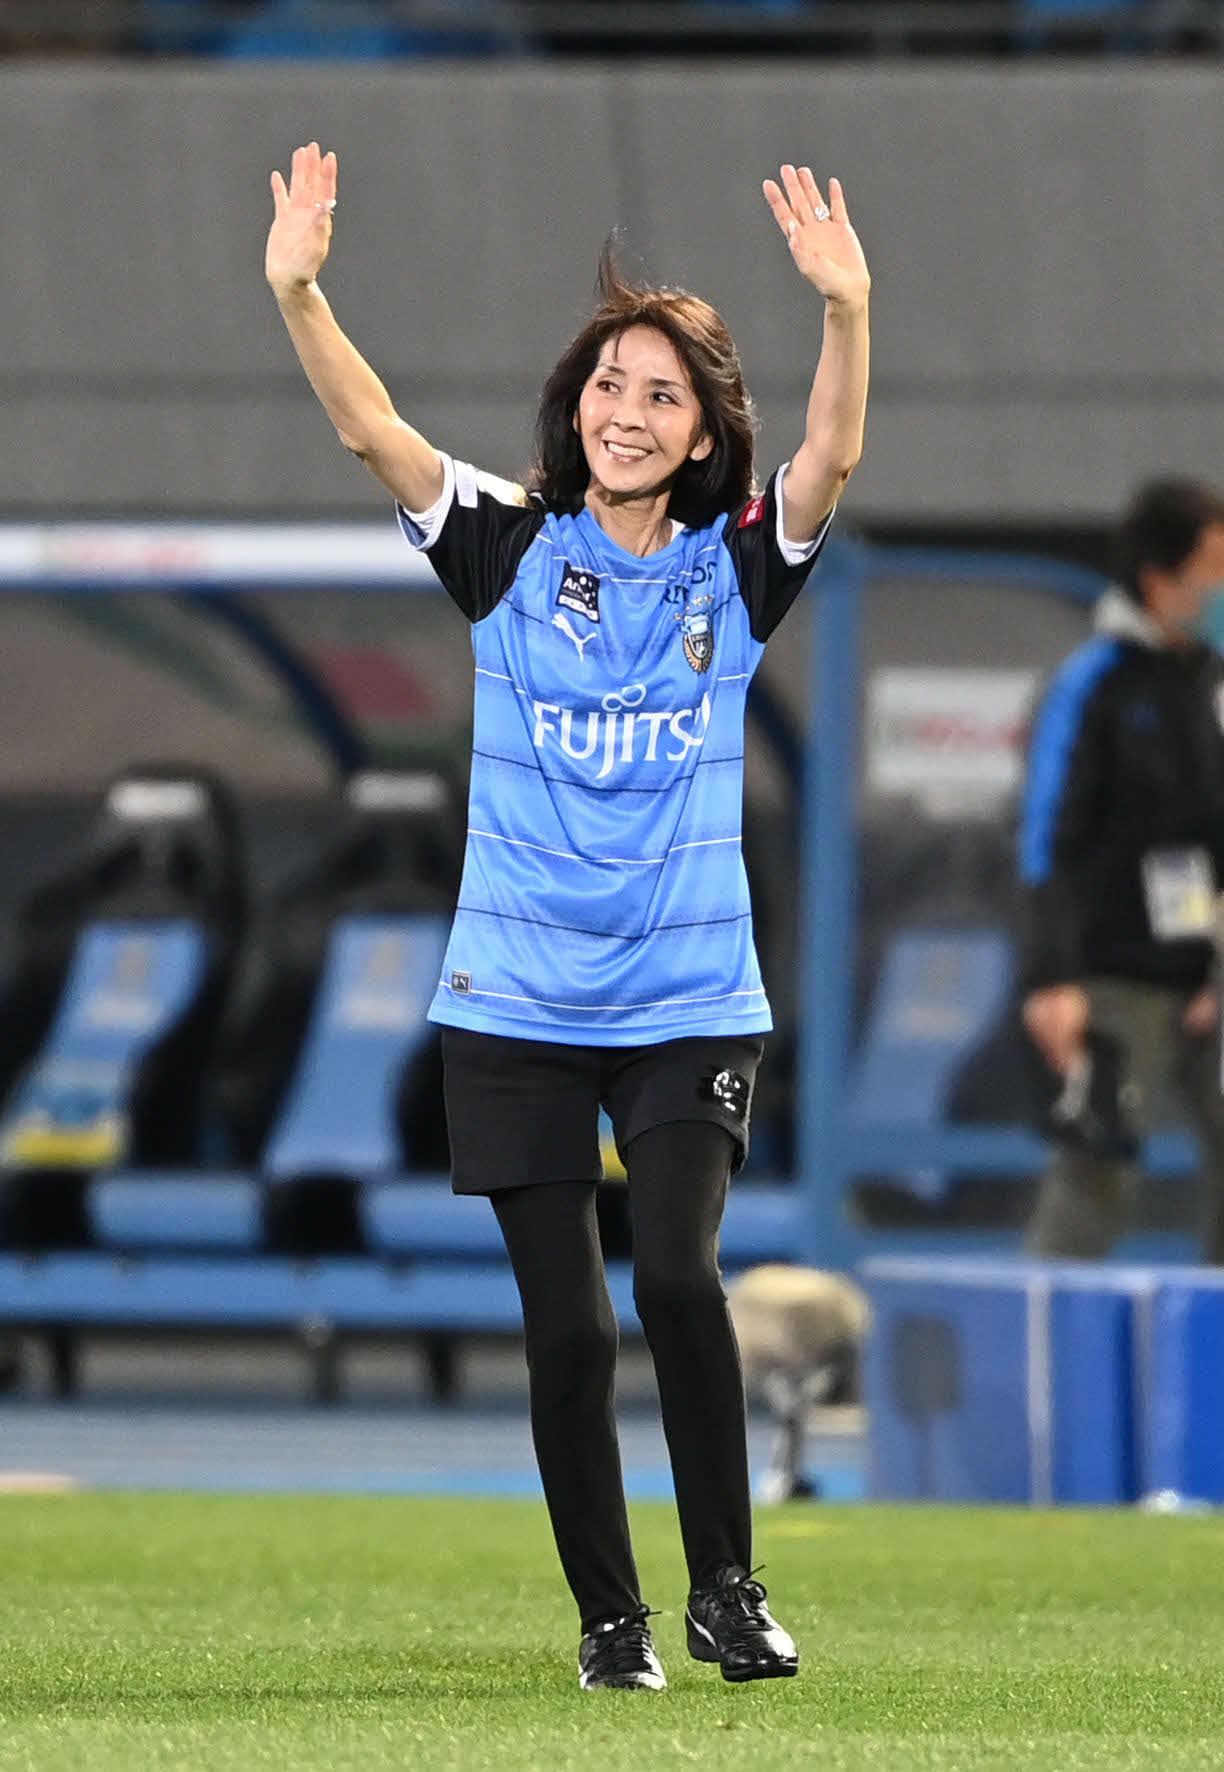 川崎F対横浜 試合前、「始九式」に登場した坂本九さんの妻柏木由紀子(撮影・山崎安昭)